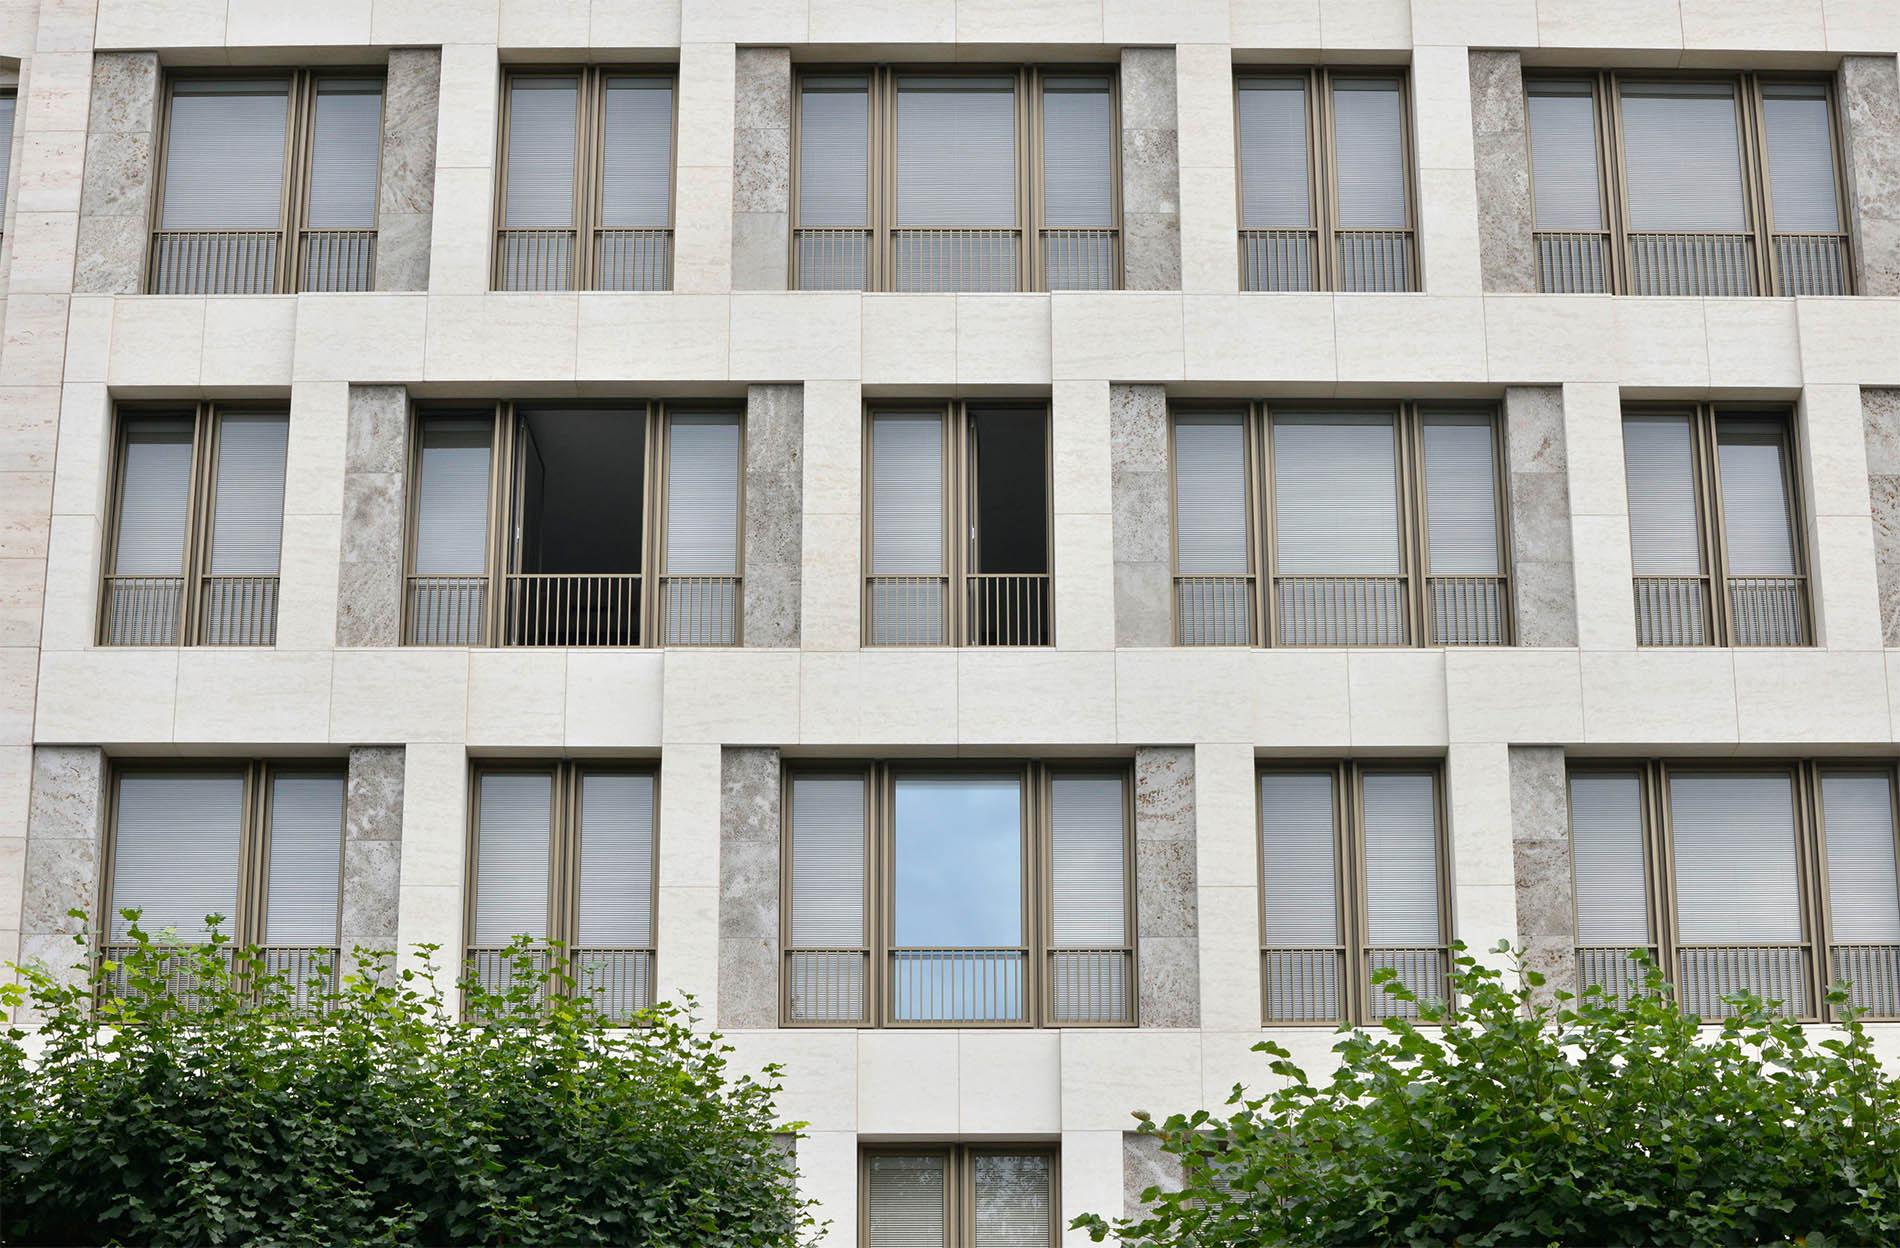 Bürogebäude auf dem Alstercampus, Hamburg mit Fassadenplatten und Fenstergewändern aus Kohlplatter Muschelkalk